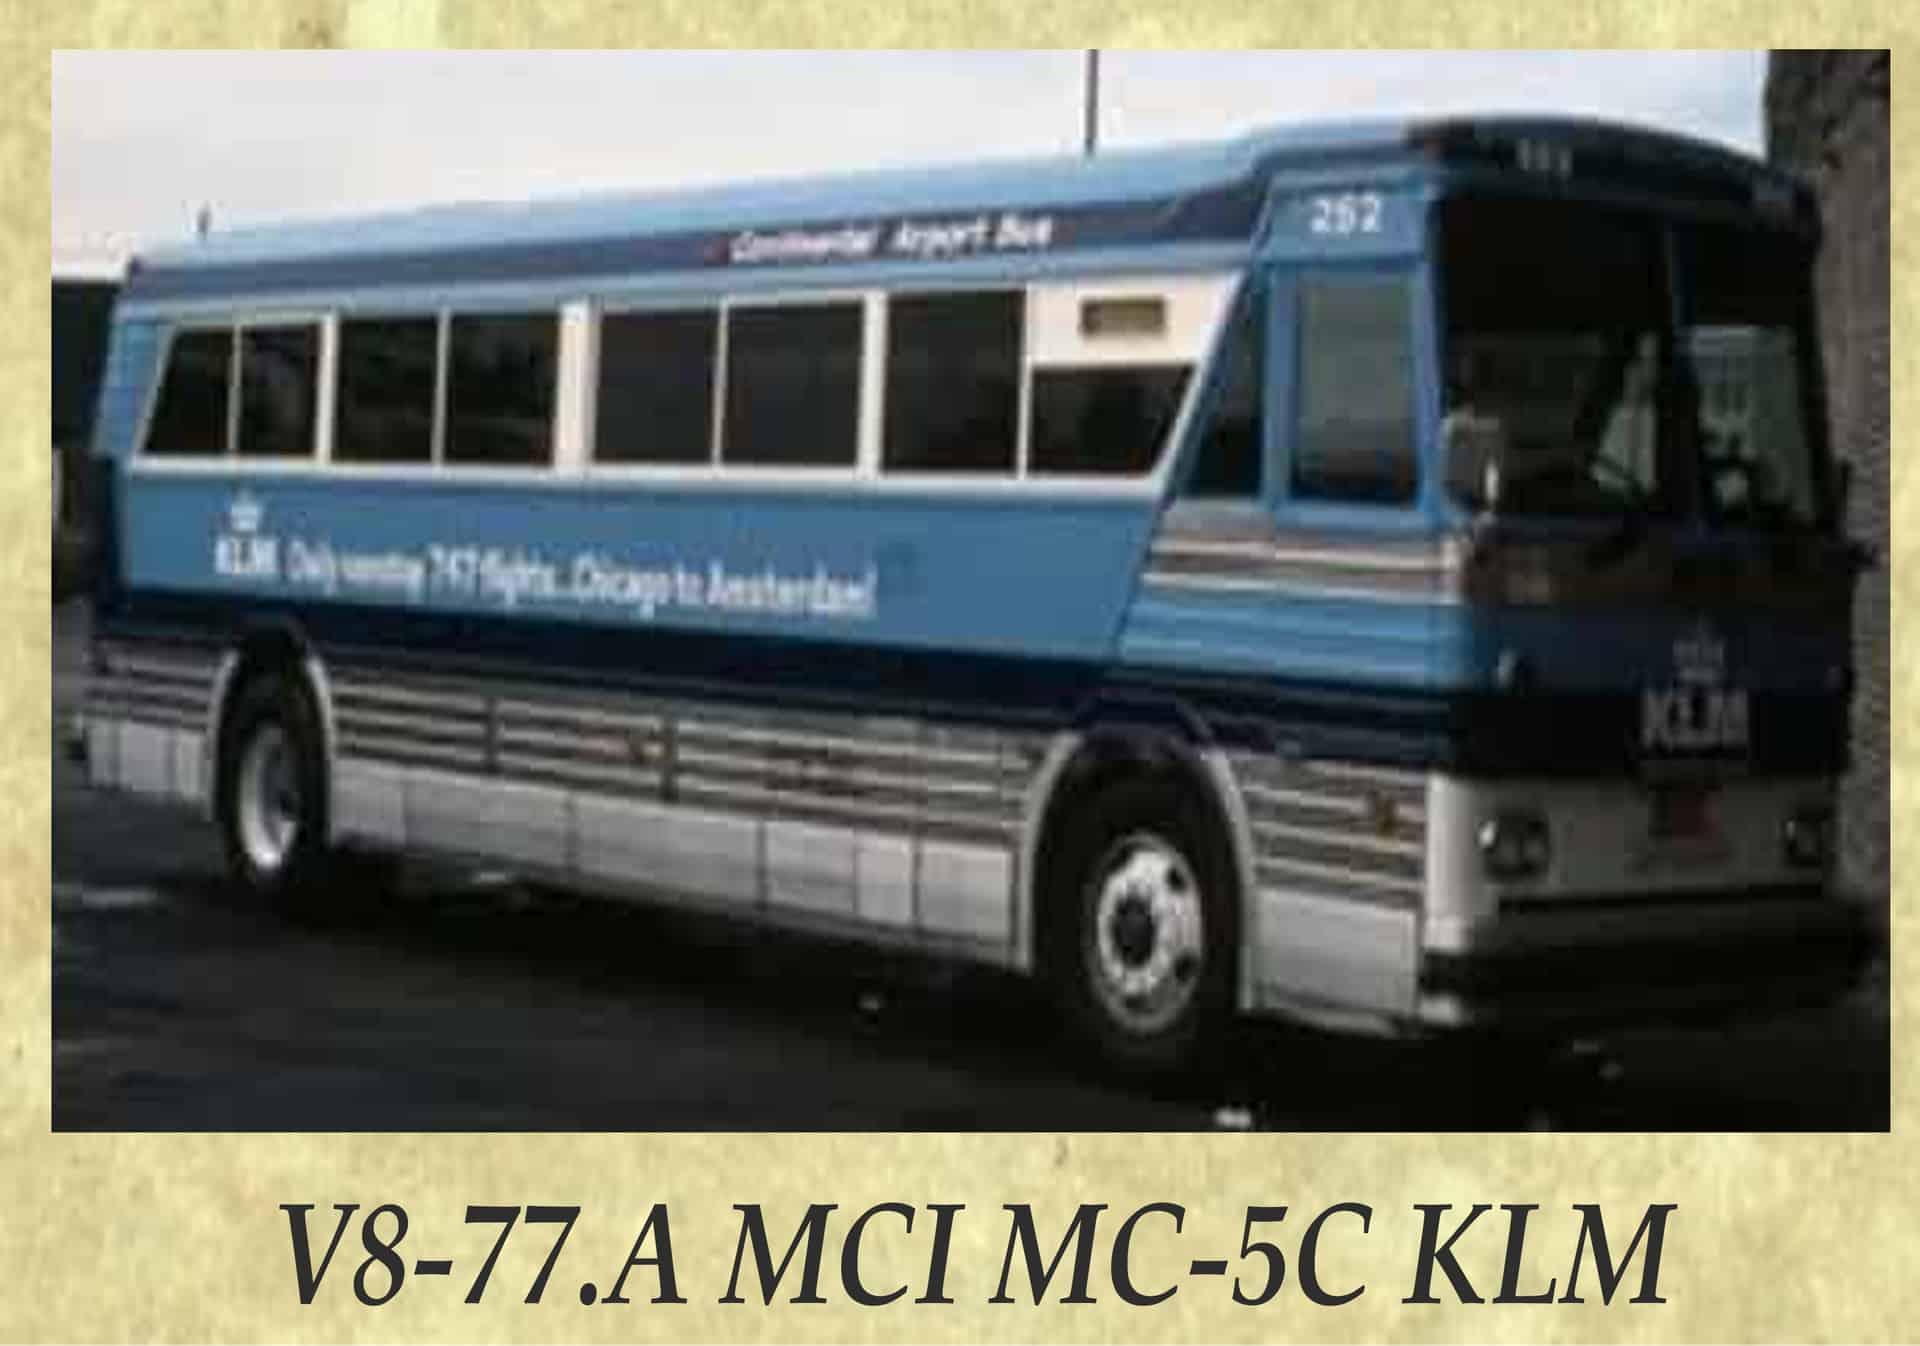 V8-77.A MCI MC-5C KLM